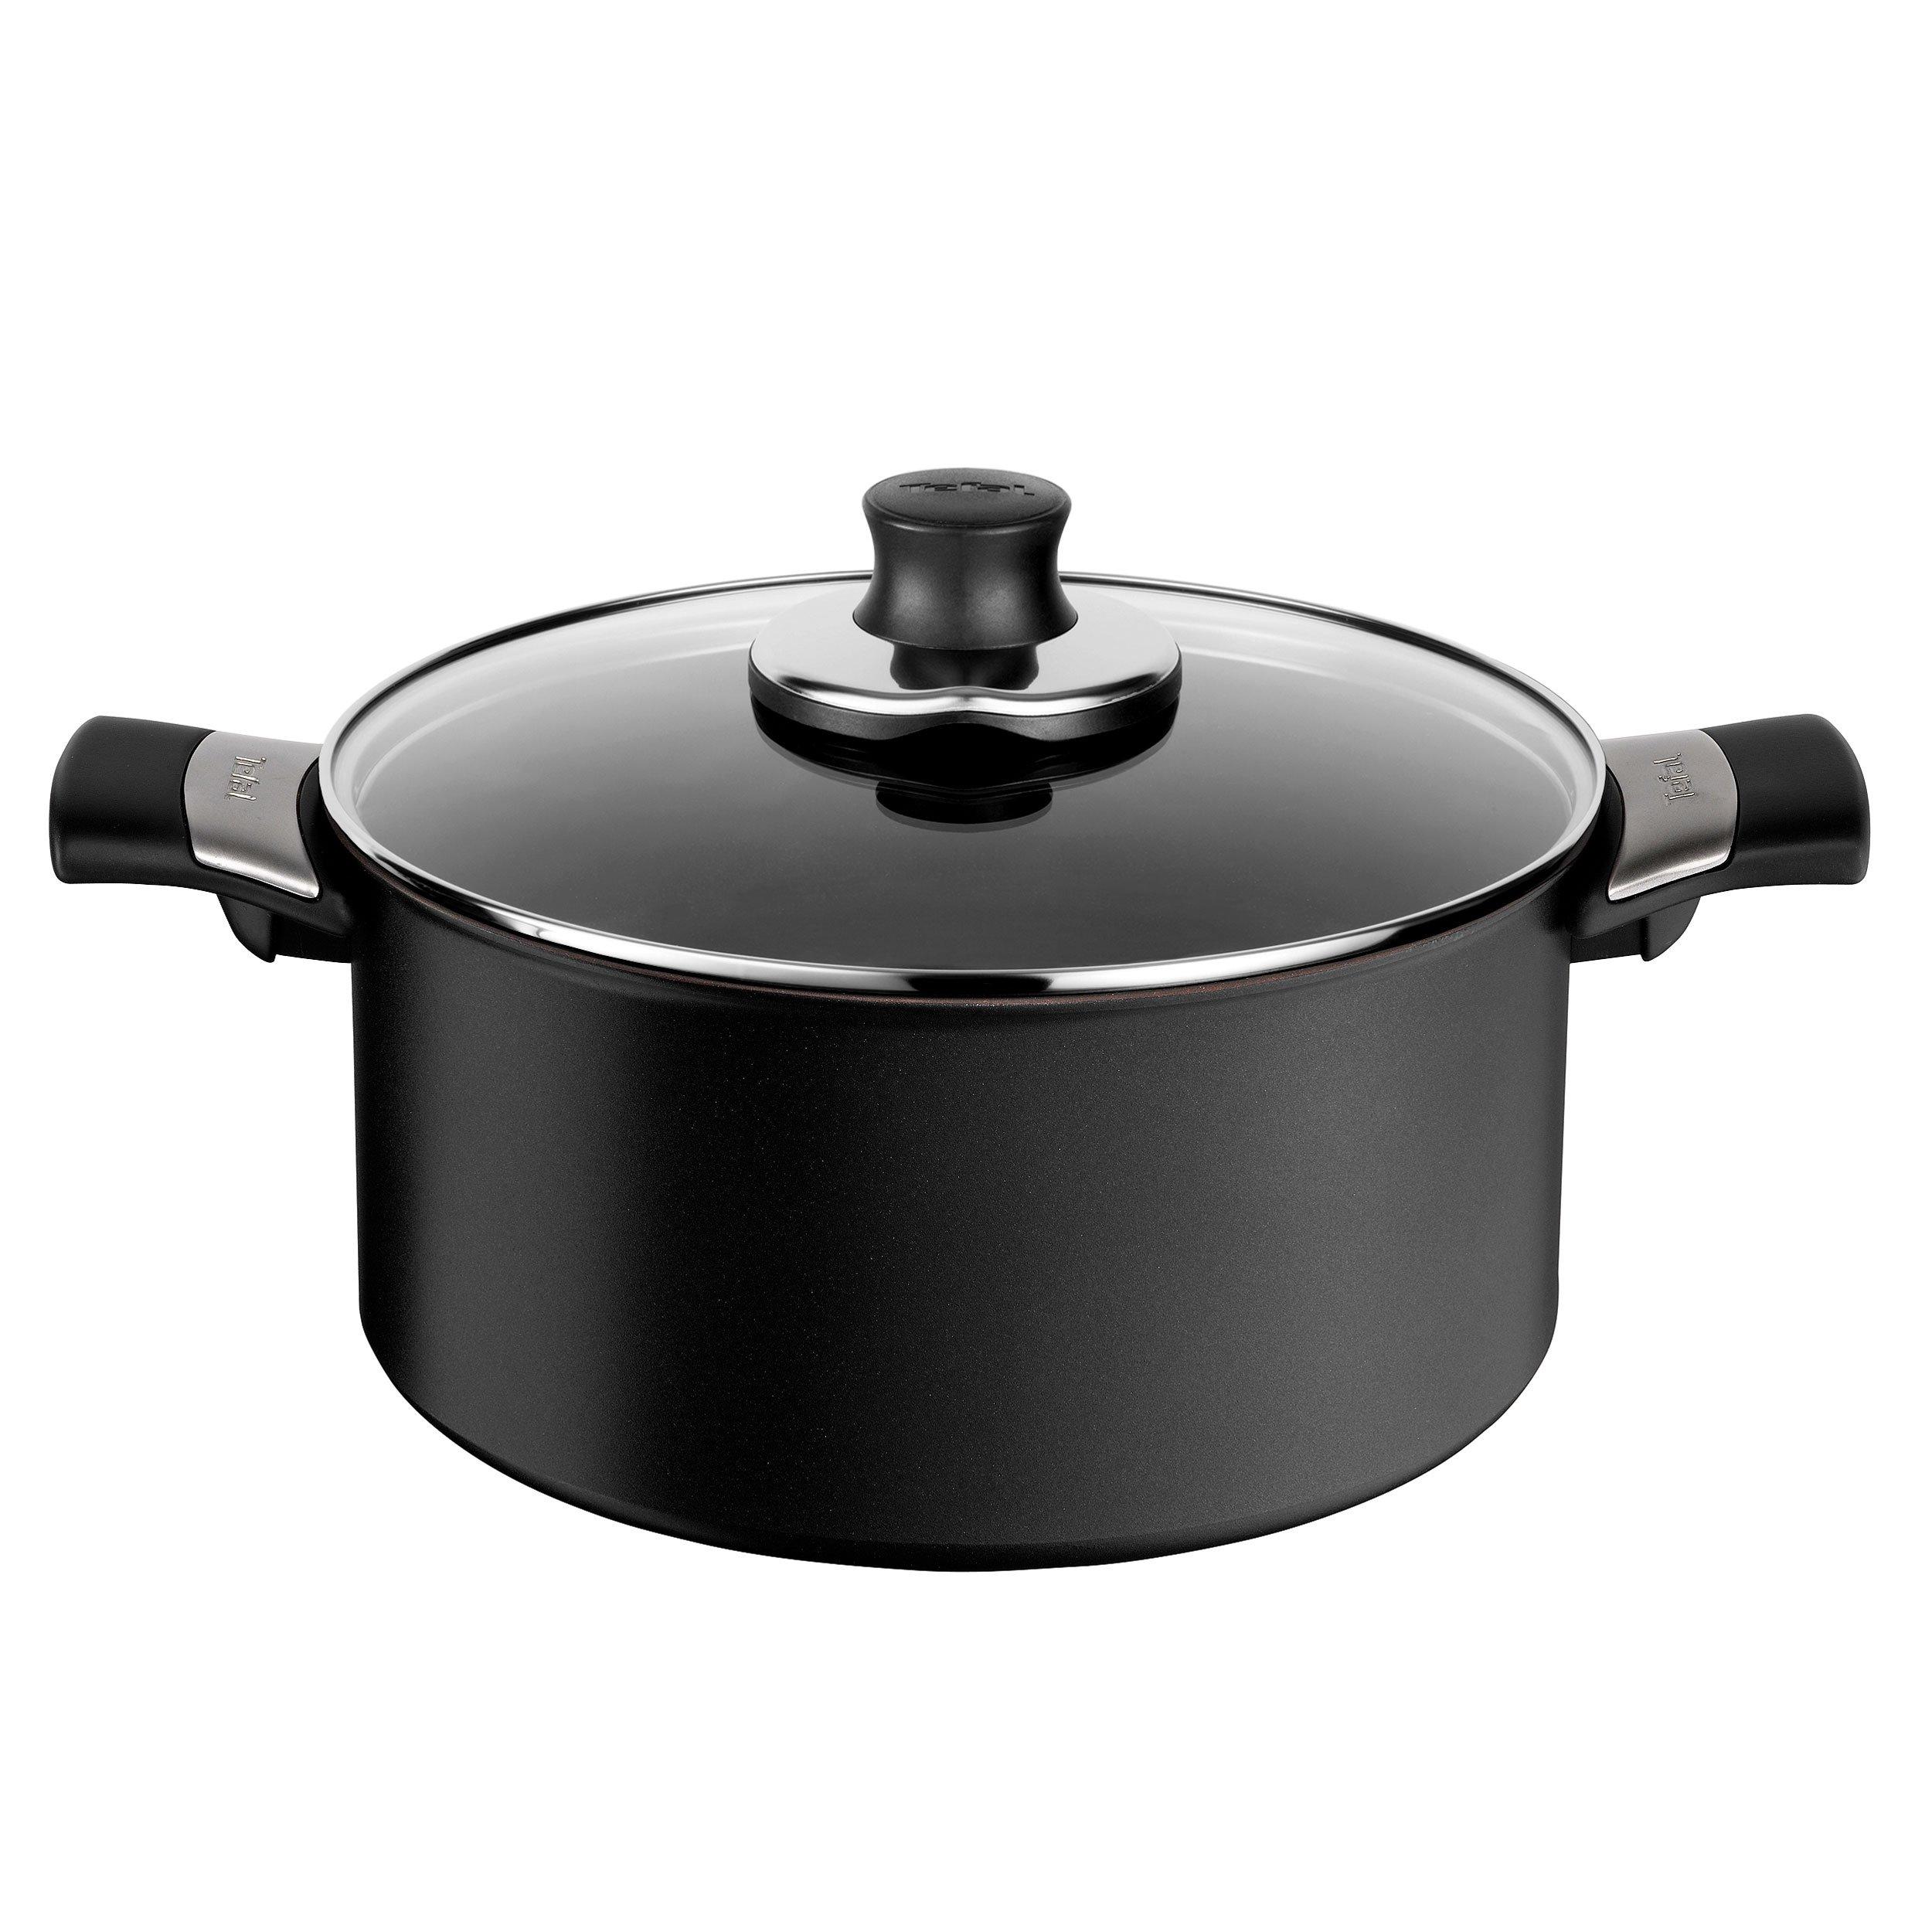 Cast Aluminium Black 24 cm Tefal Cooking Pot